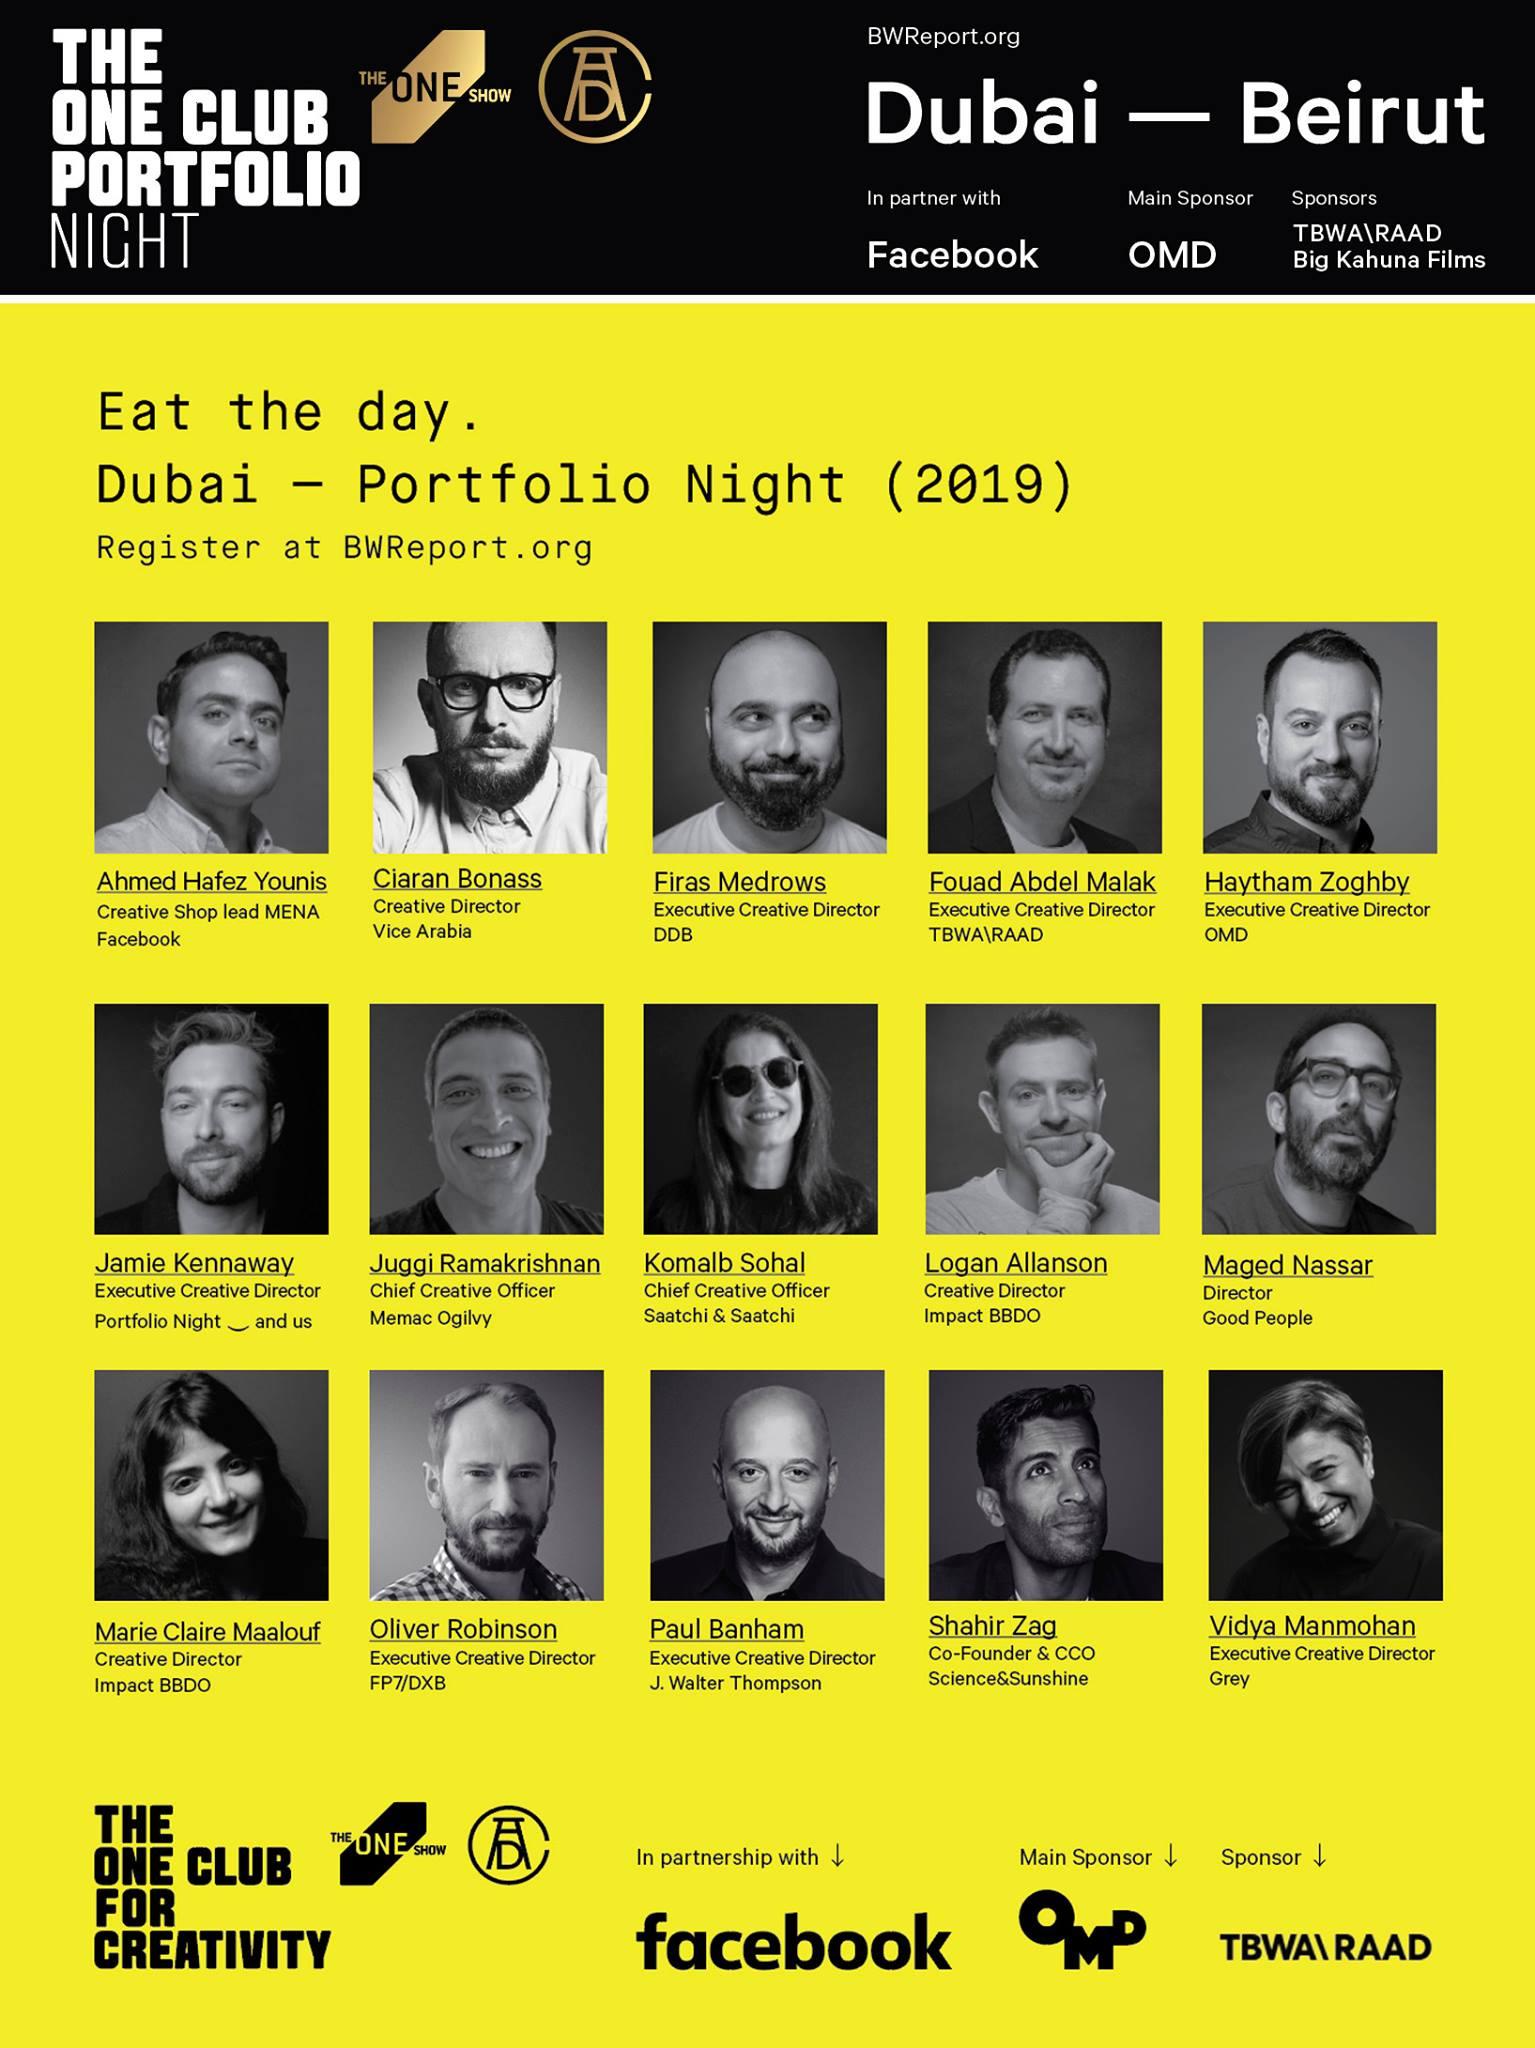 portfolio night jury 2019